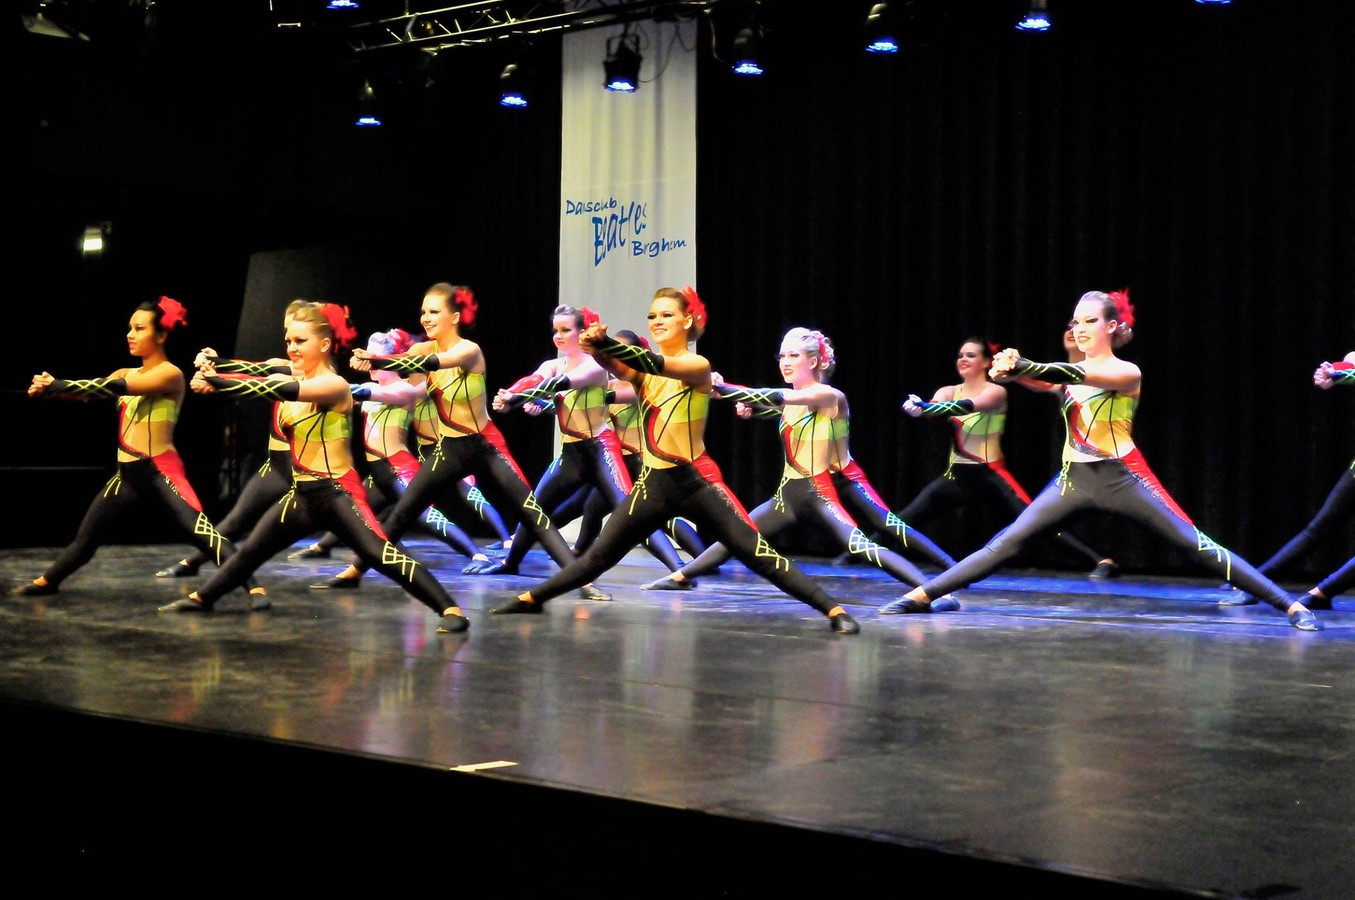 Dansclub BeatYes Berghem is vaste gebruiker van de Berchplaets in Berghem. Het tekende tientallen keren achtereen voor het garde- en showdanstoernooi.